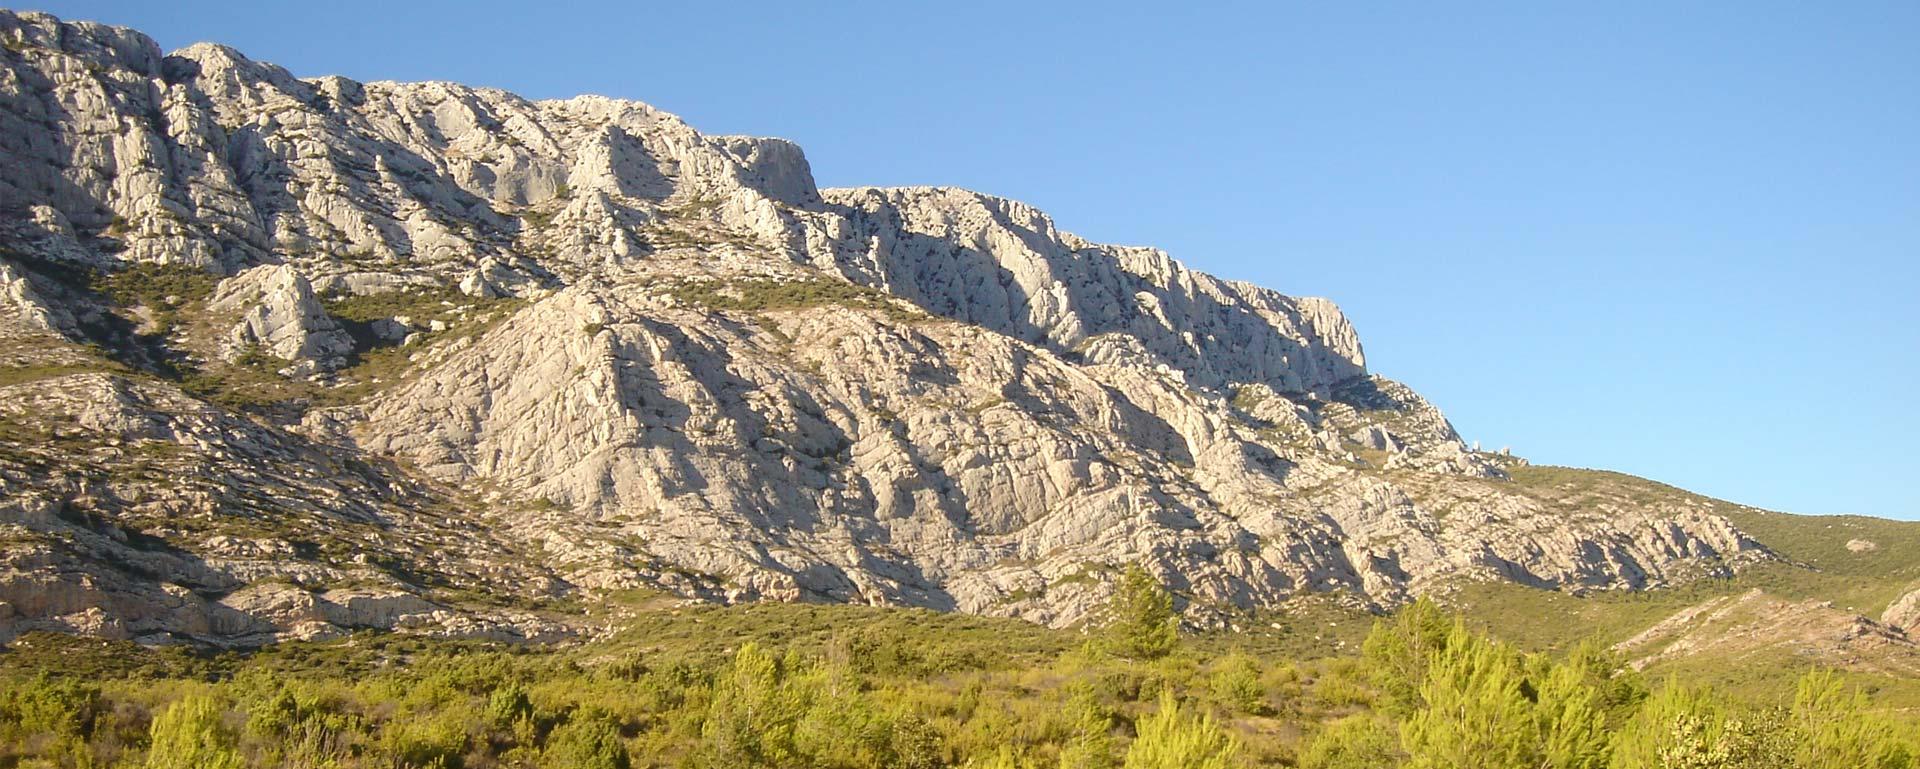 Montagne sainte victoire un lieu incontournable - Chambre d hote montagne sainte victoire ...